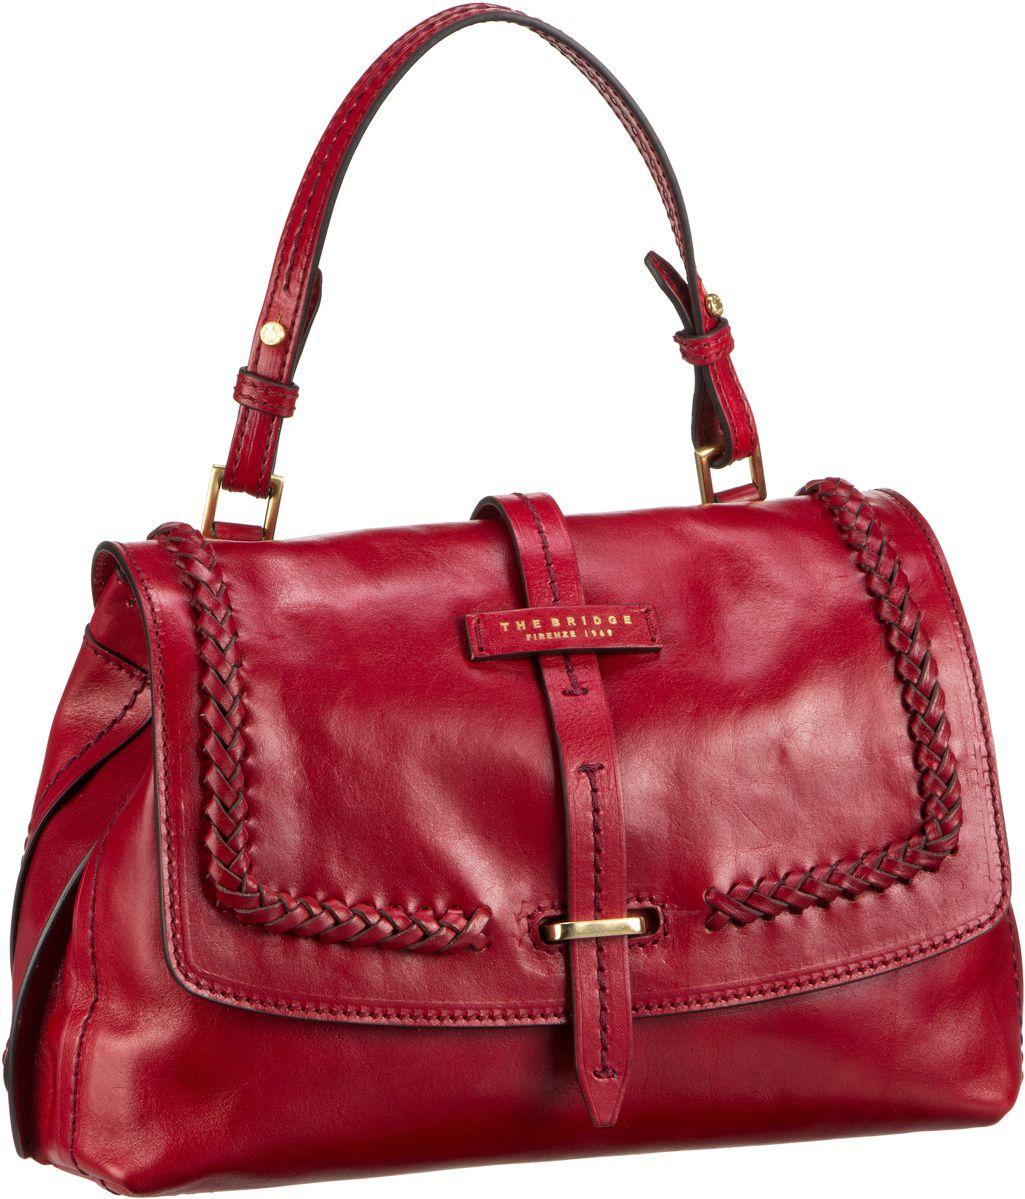 Handtasche Murakami Handtasche 3407 Rosso (innen: Gelb)